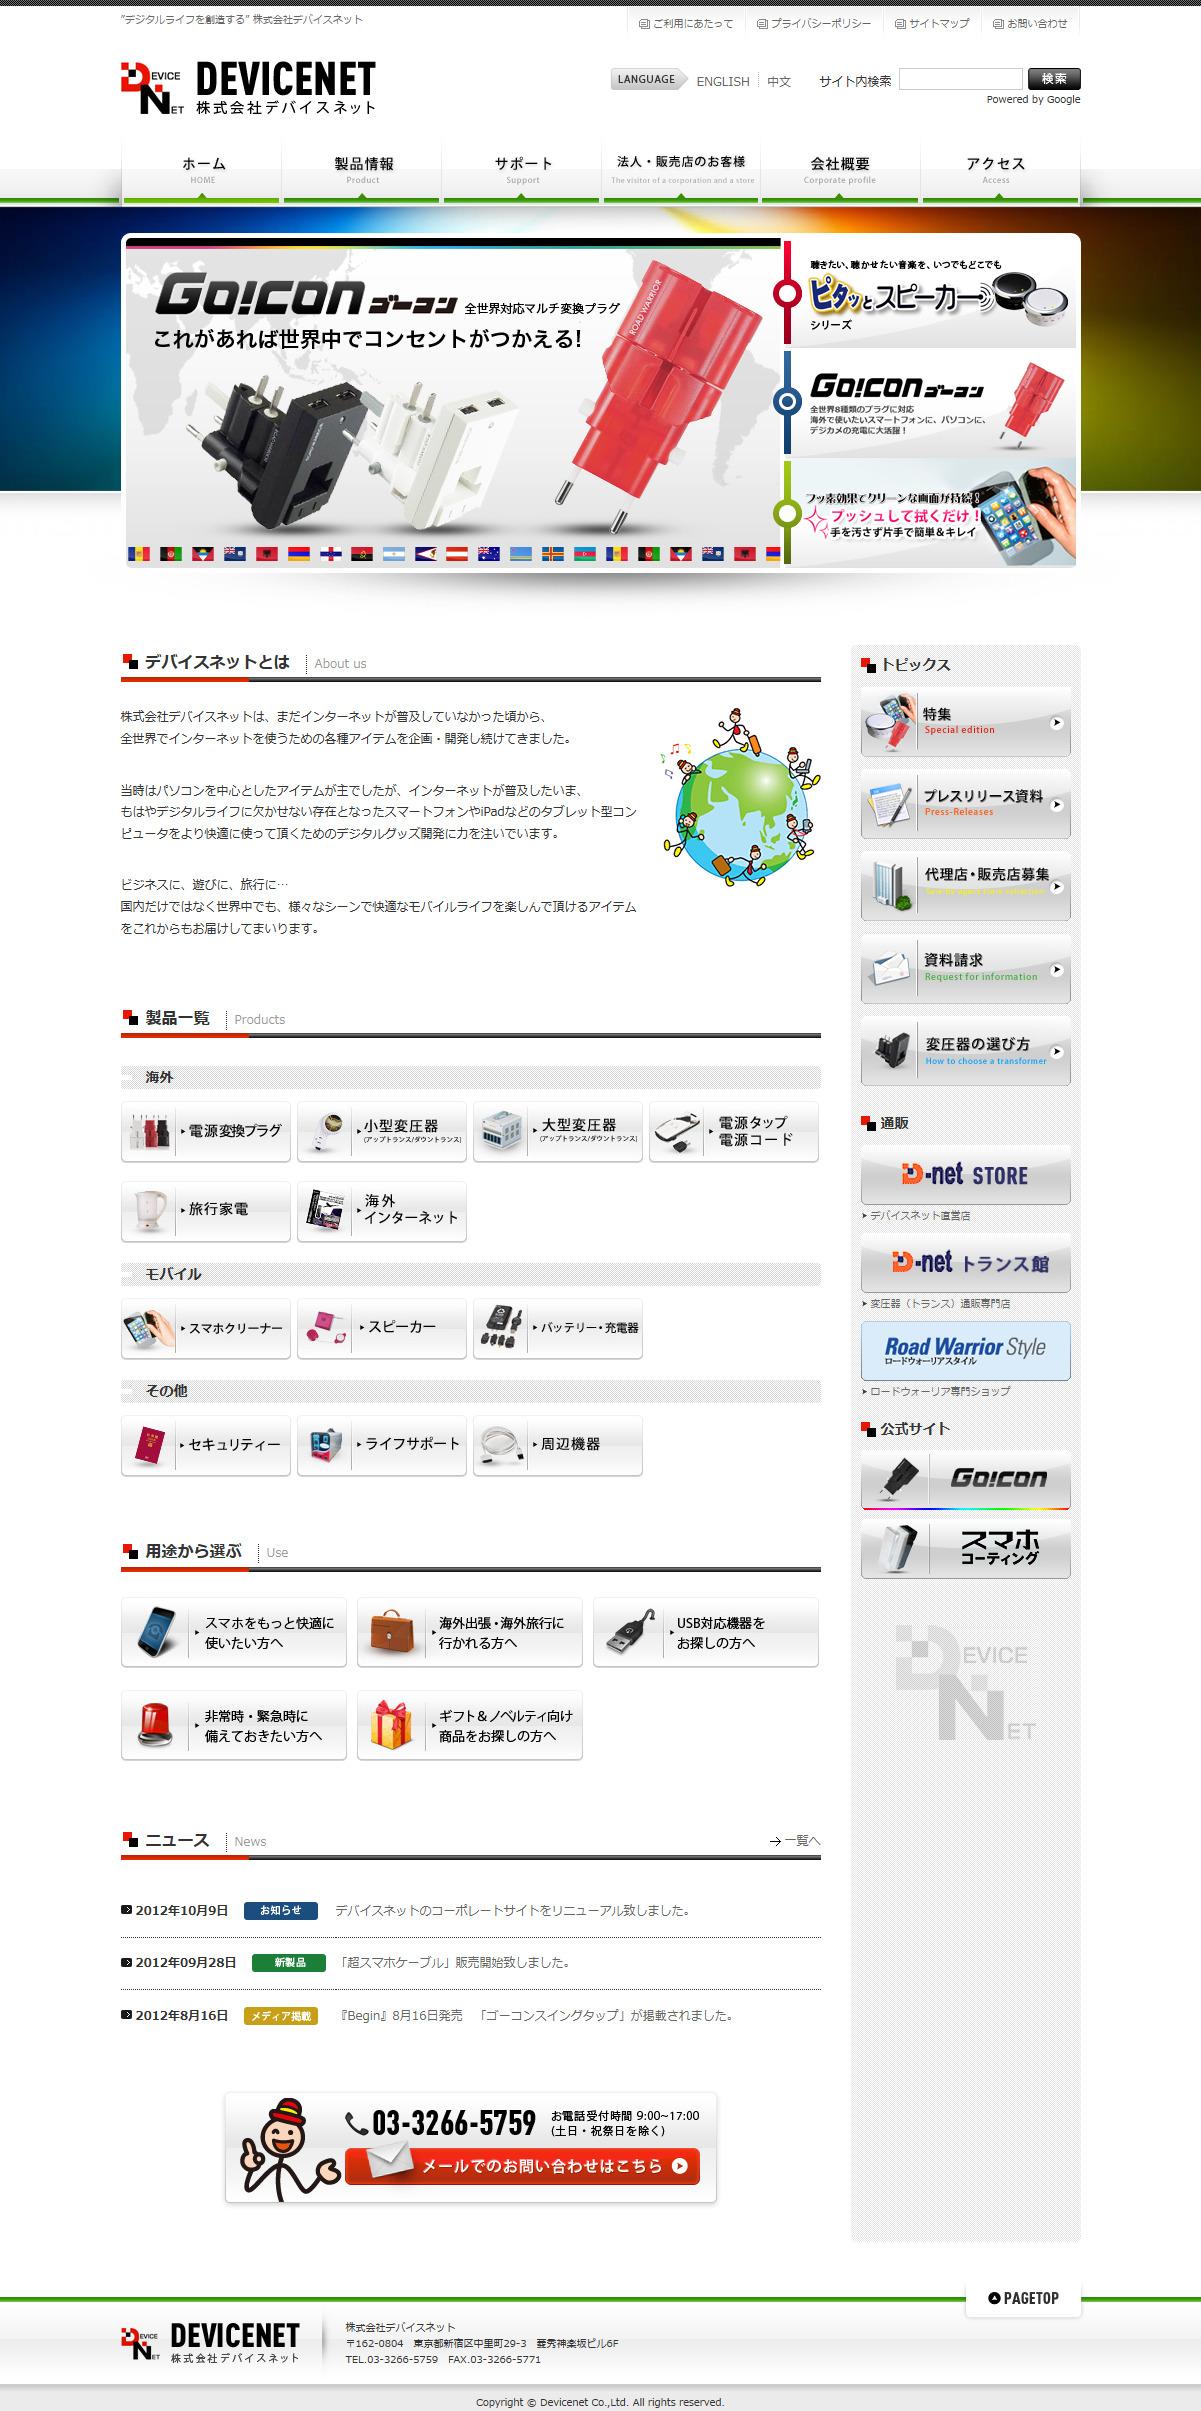 ~ 海外での快適なスマホライフを ~ (株)デバイスネット コーポレートWEBサイト リニューアルオープンのご案内